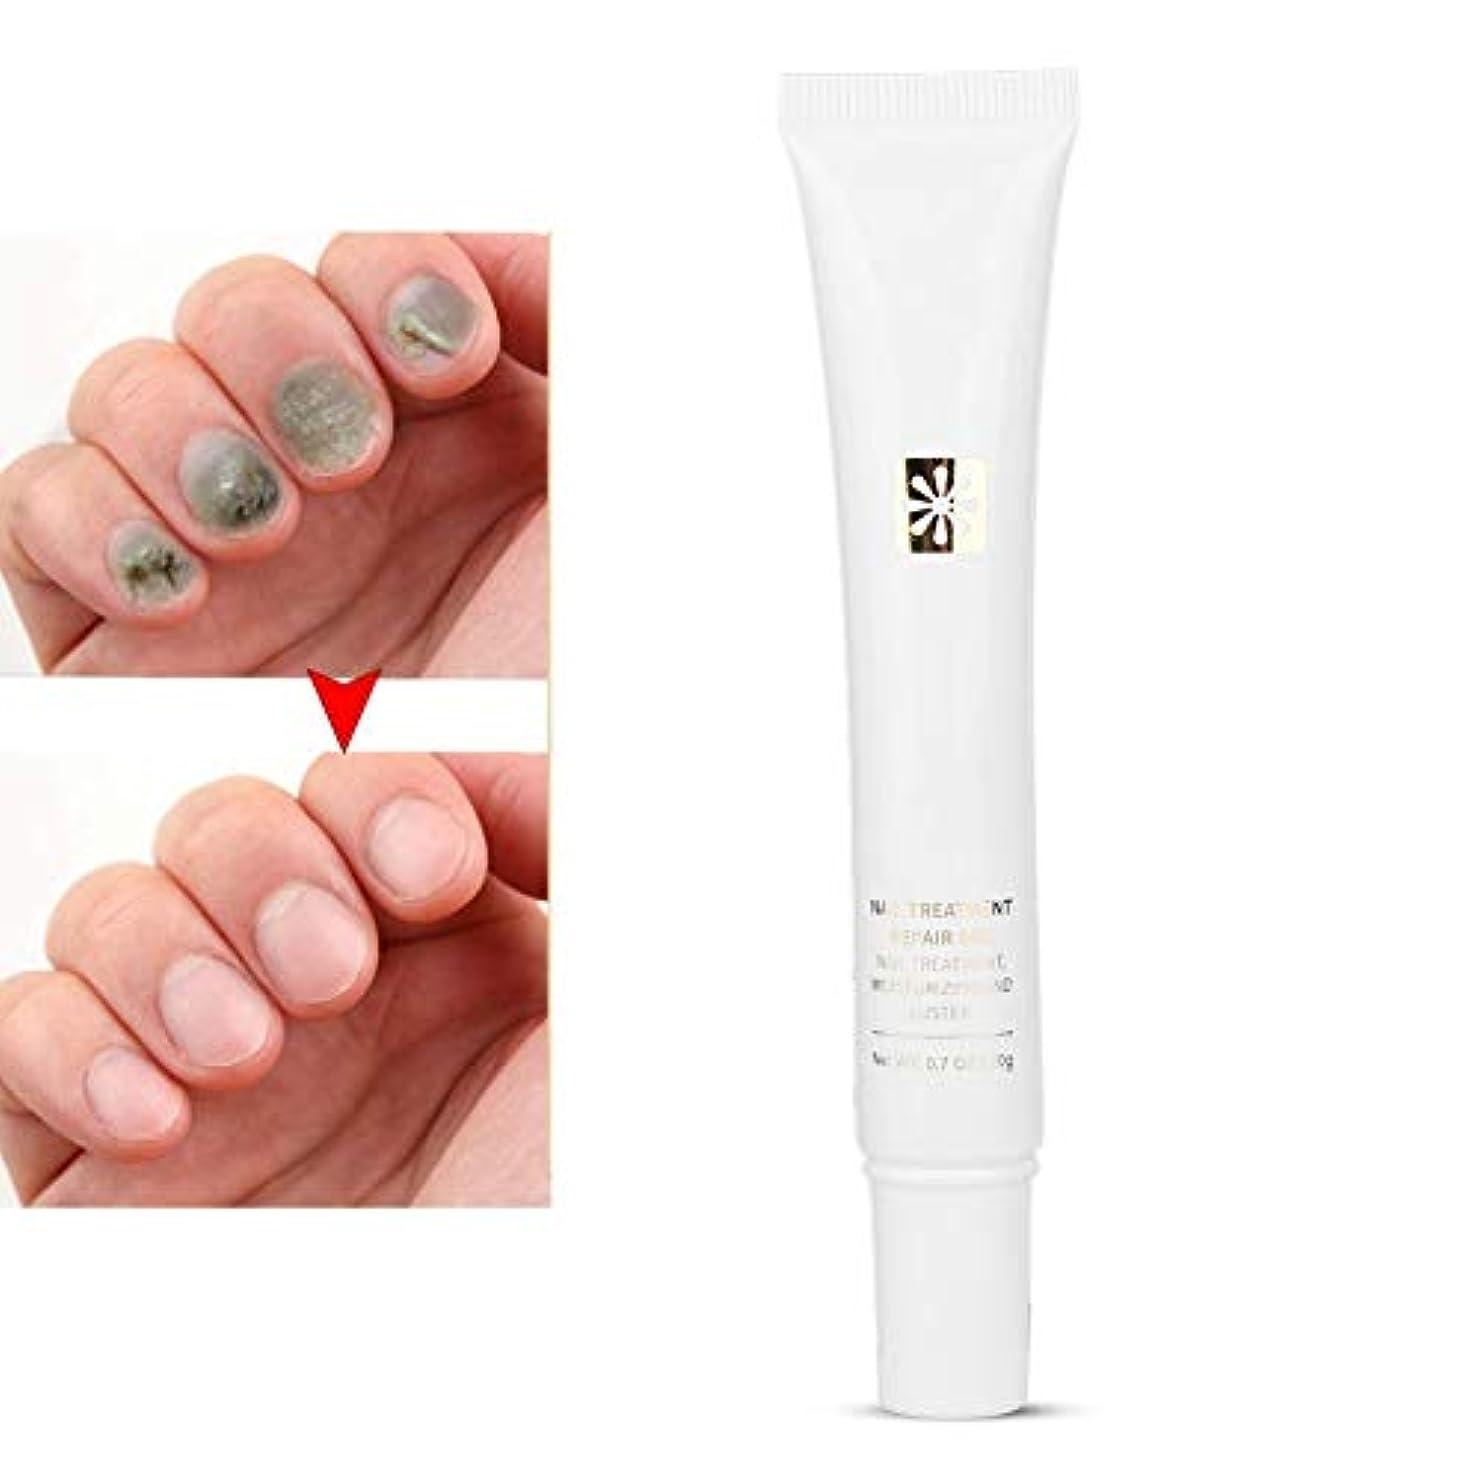 所得吸い込むファブリックネイルケアクリーム、20g爪の補修霜の足のりのなめらかなダメージを受けた爪の回復に効果的です